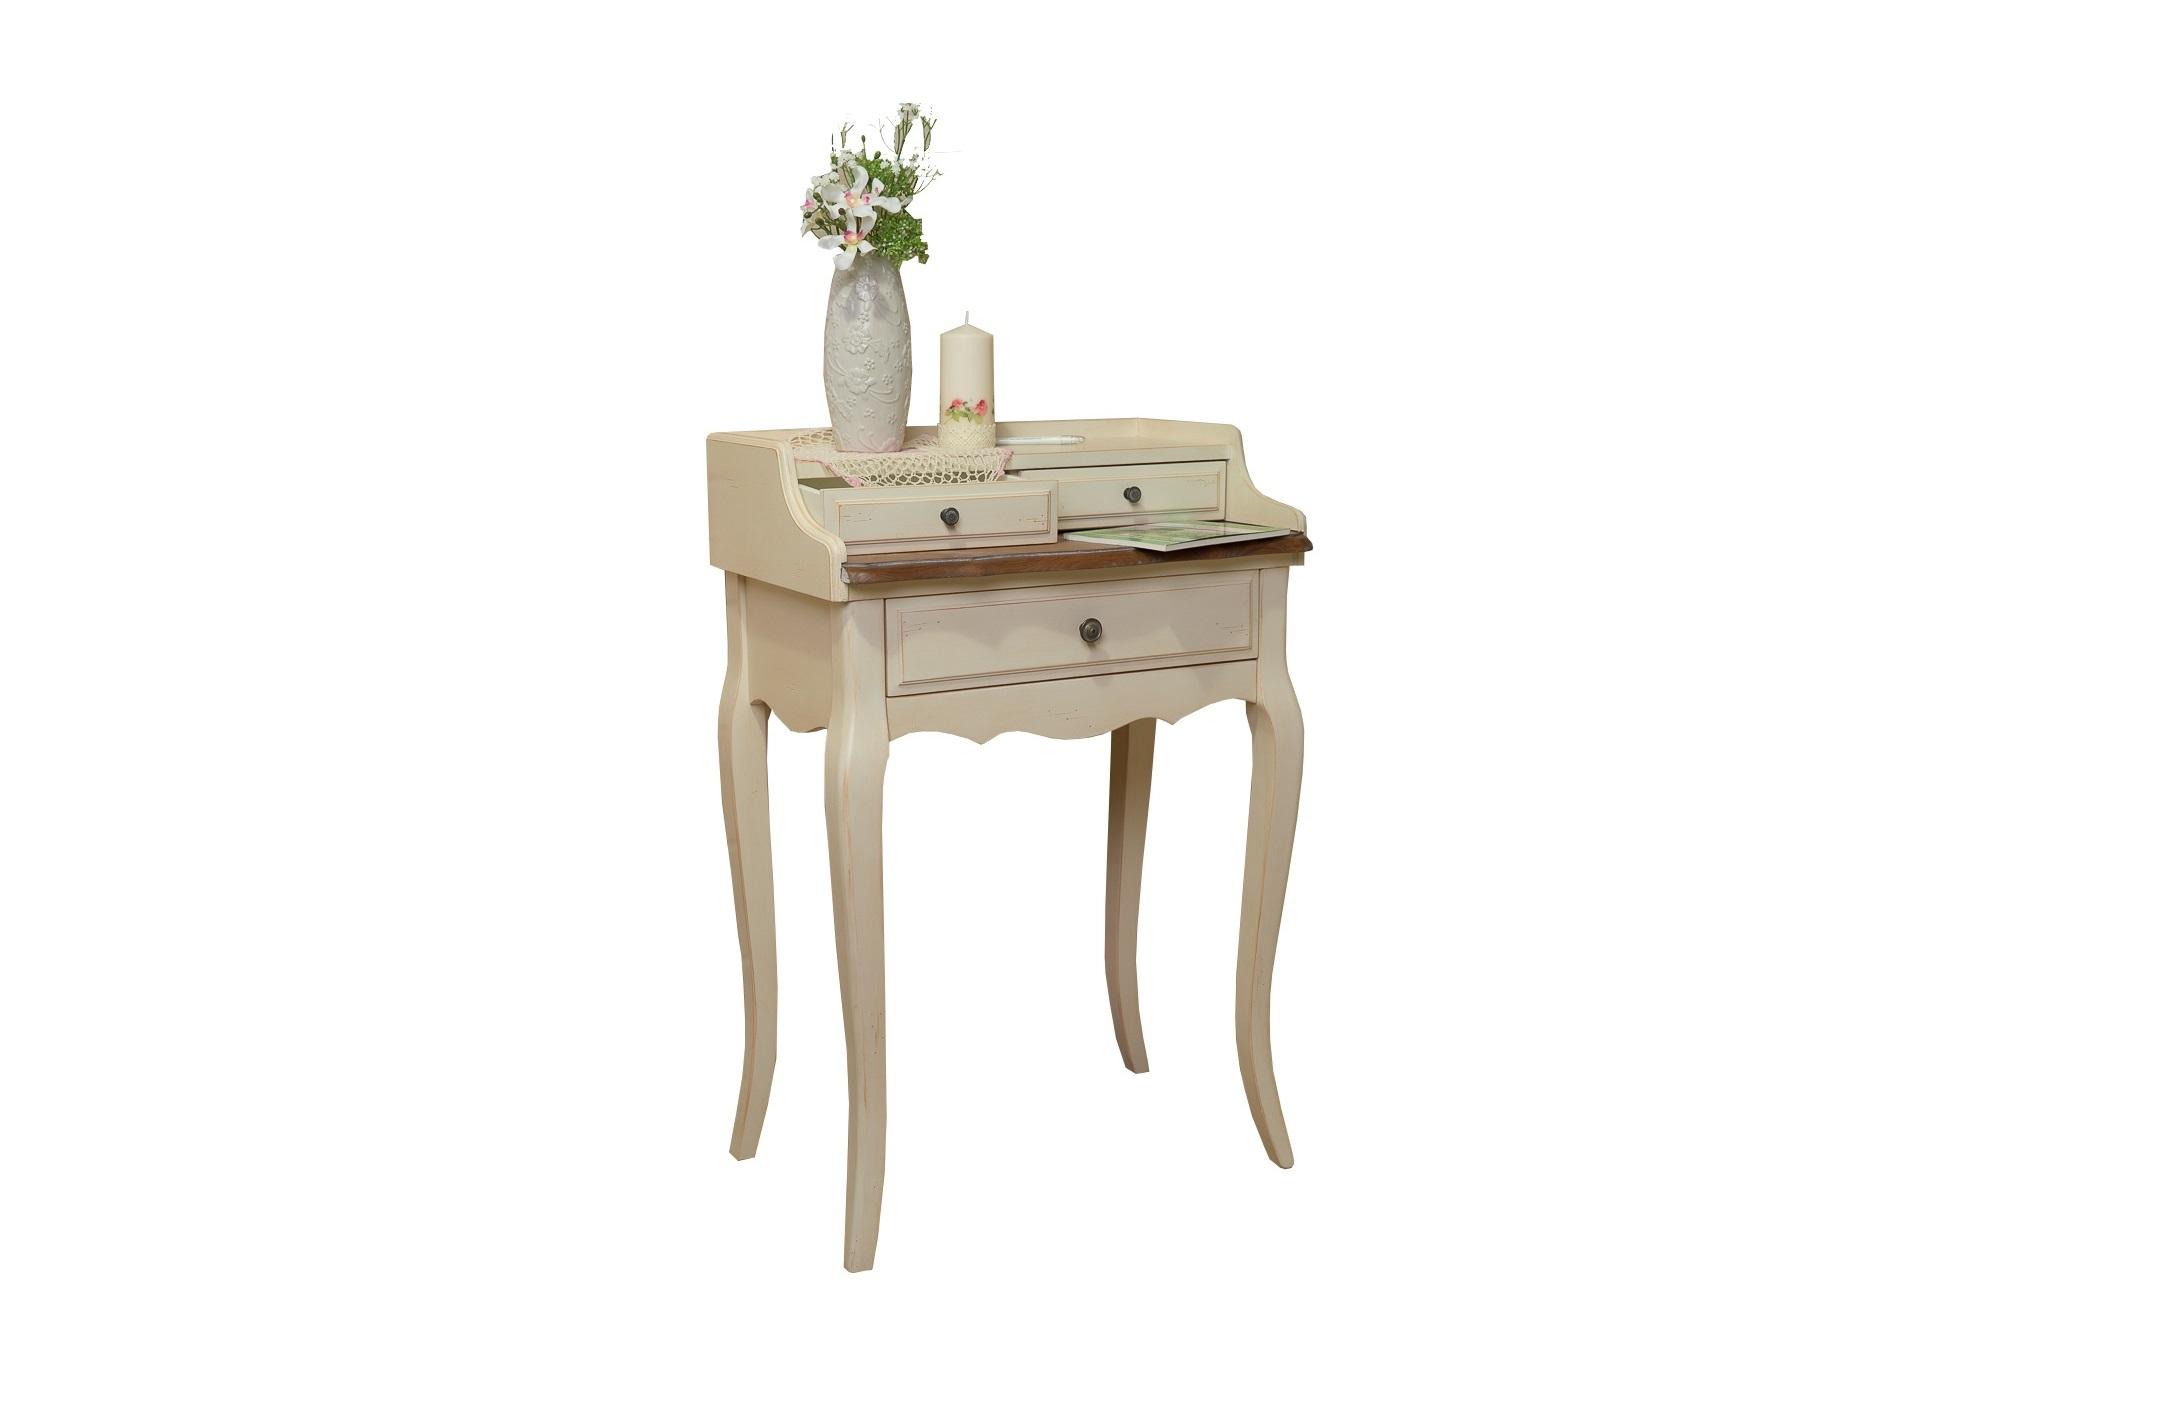 Столик Blanc bonbonТуалетные столики<br>Туалетный столик &amp;quot;Blanc Bonbon&amp;quot; позволит вам создать уголок красоты даже в небольшой по площади спальне. Благодаря миниатюрной конструкции и светлой гамме отделки он не будет скрадывать пространство. Этот столик наполнит его утонченностью и романтичностью, традиционными для стиля прованс.<br><br>Material: Дерево<br>Length см: 62<br>Width см: 42<br>Height см: 91